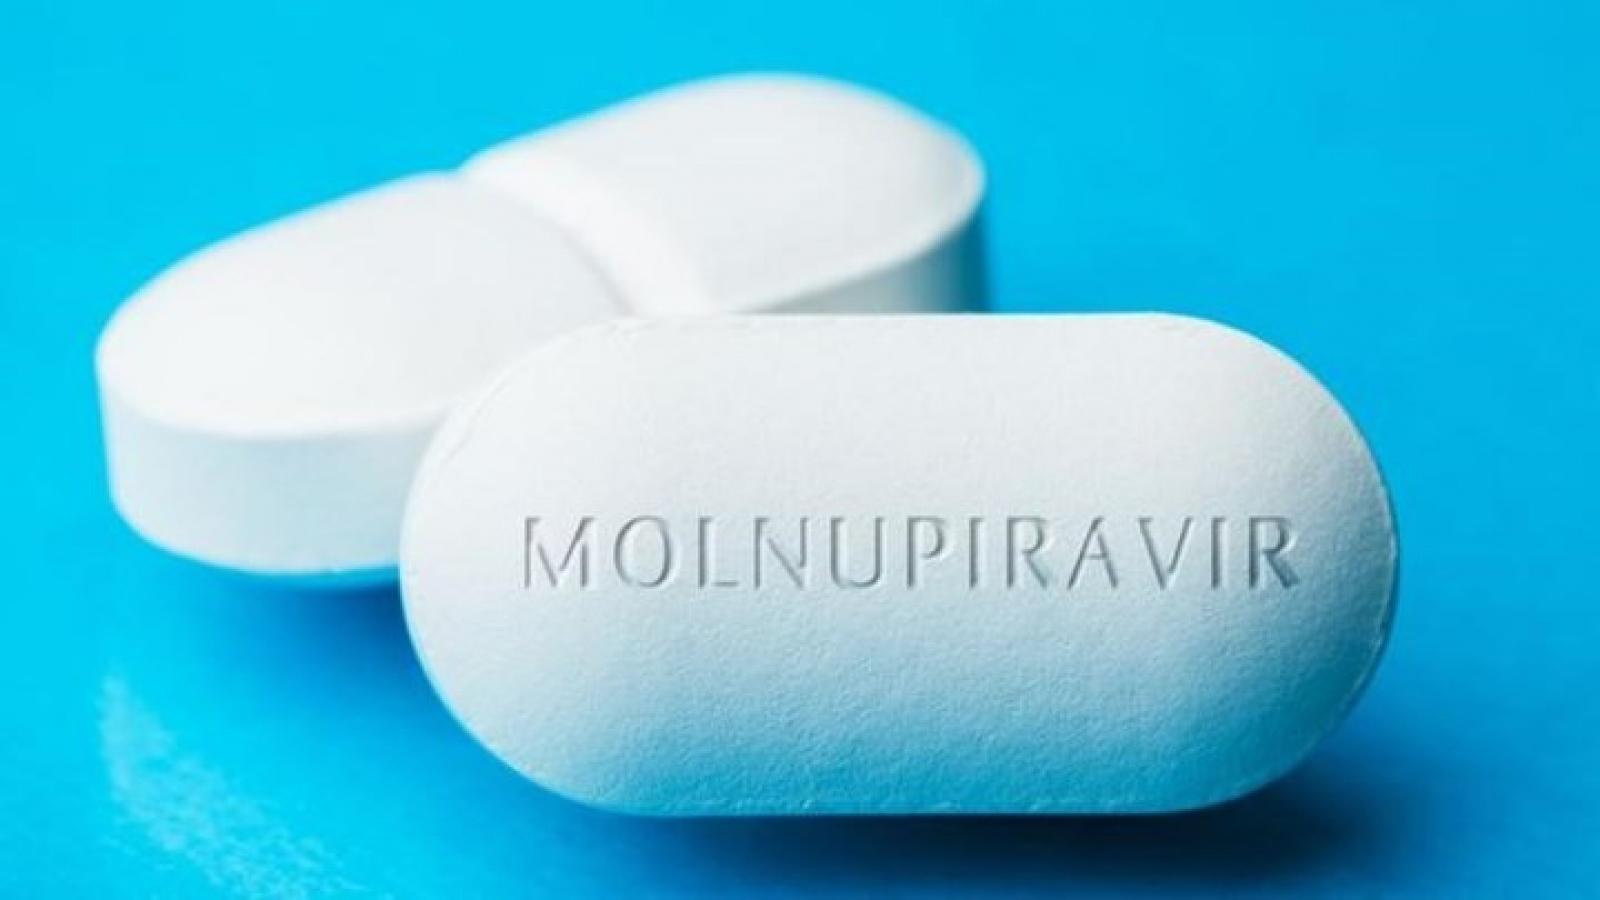 Merck yêu cầu cấp phép sử dụng khẩn cấp cho thuốc uống để điều trị Covid-19 ở Mỹ